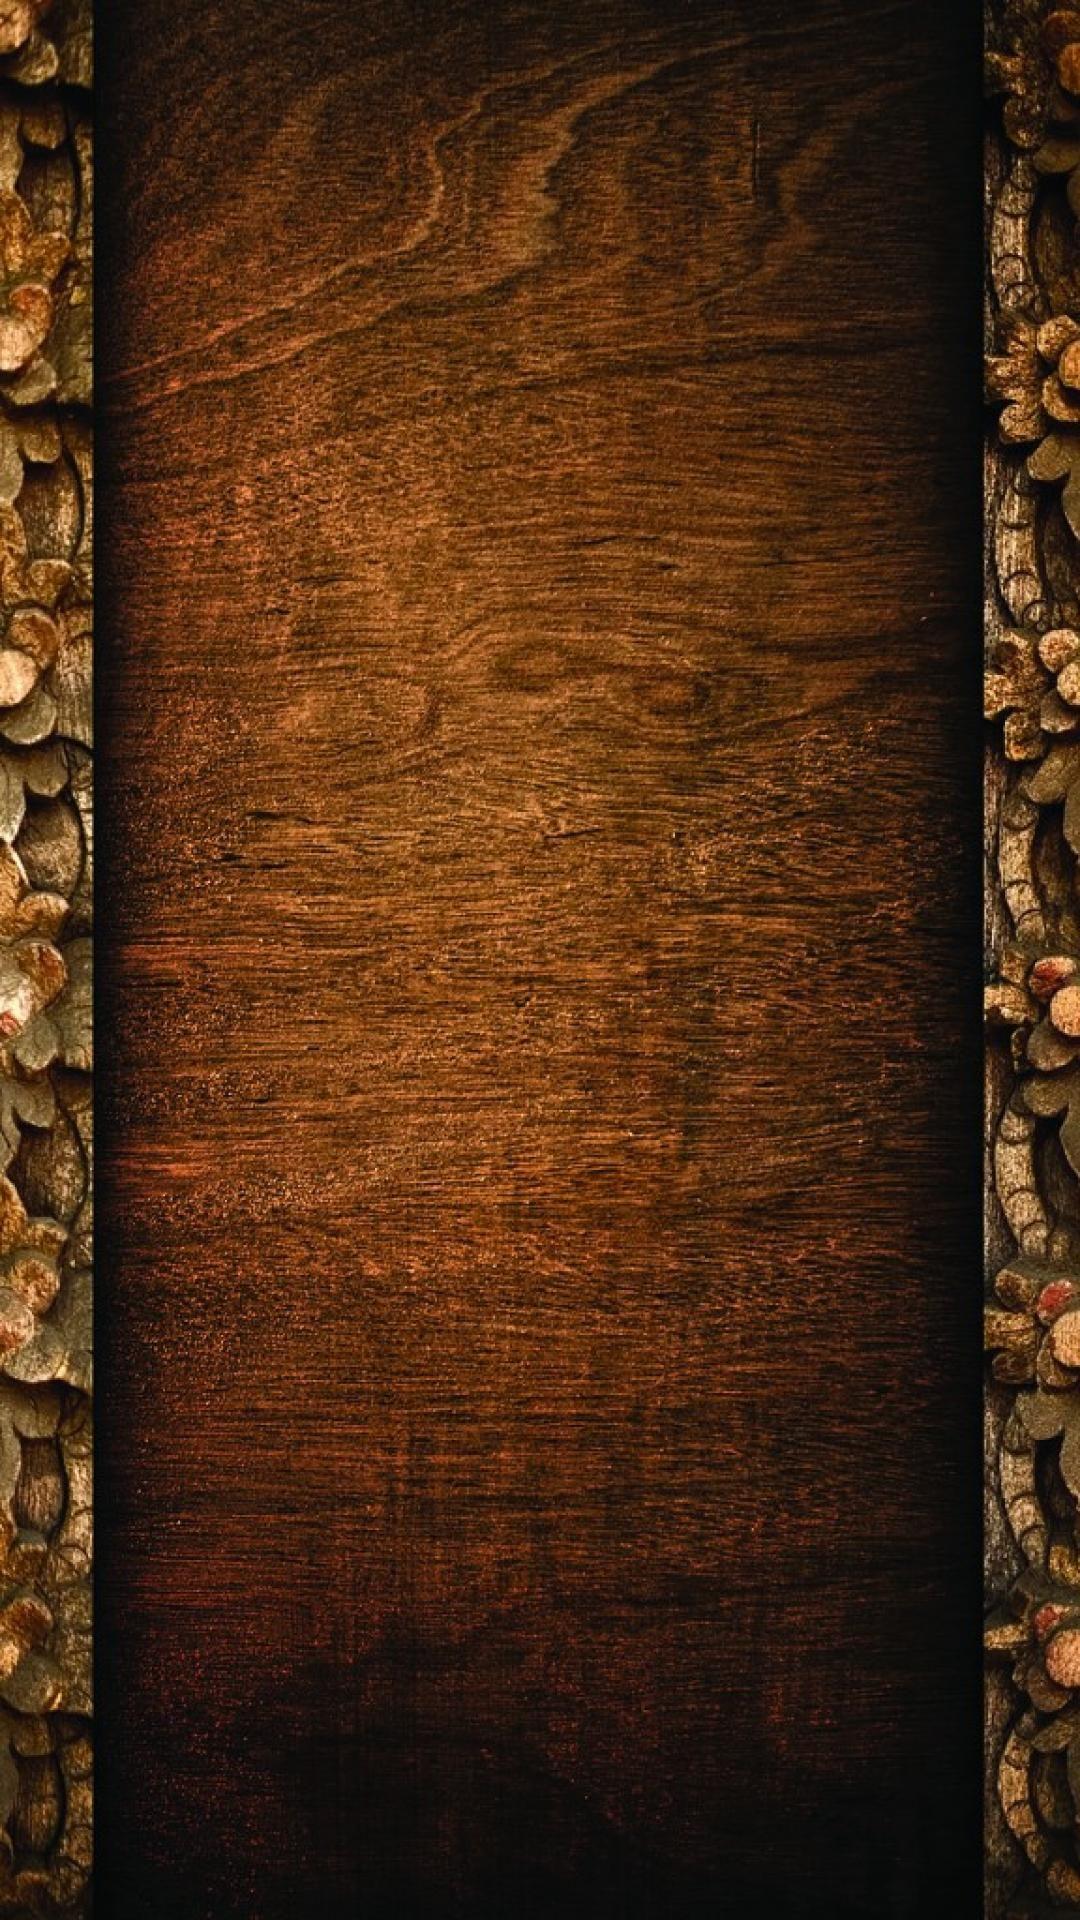 レトロな木目のiphone壁紙 スマホ壁紙 壁紙 画像 壁紙